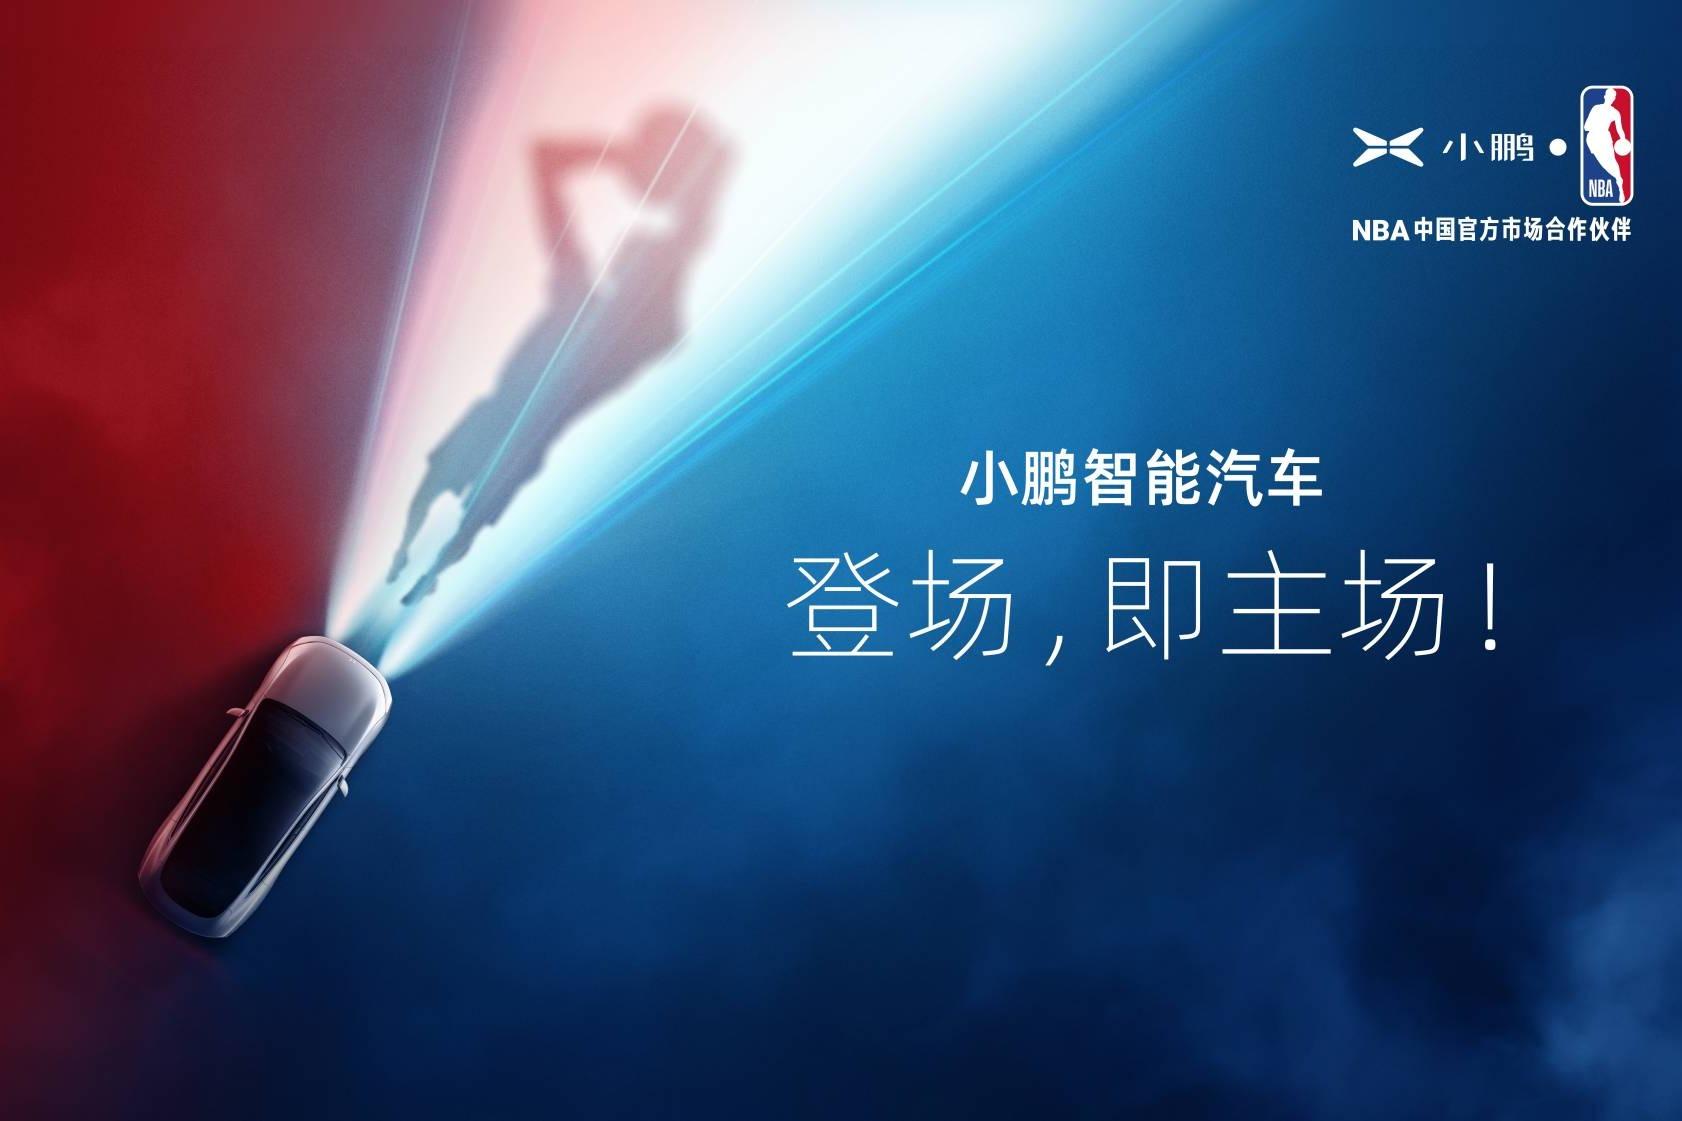 开着小鹏去打球 小鹏汽车成为NBA中国首家智能汽车合作伙伴